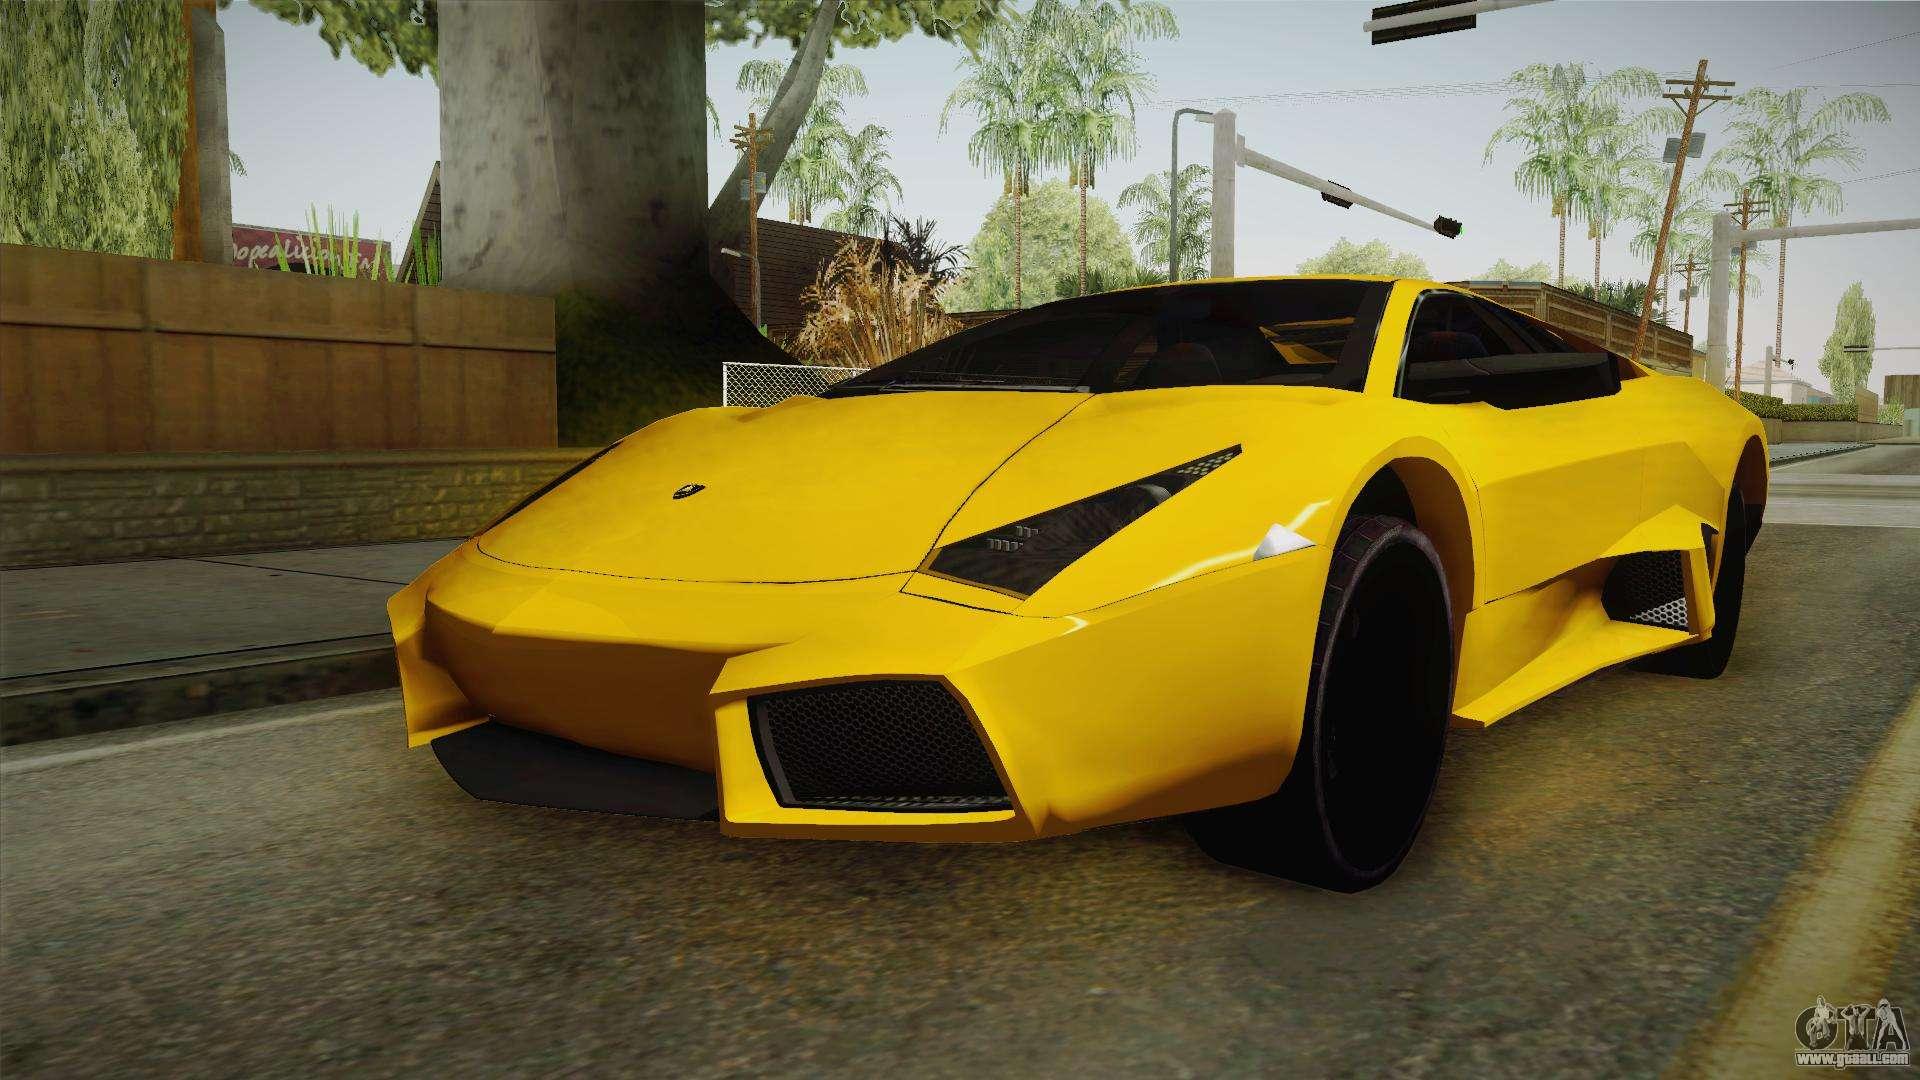 Lamborghini Insecta HD Wallpapers Images